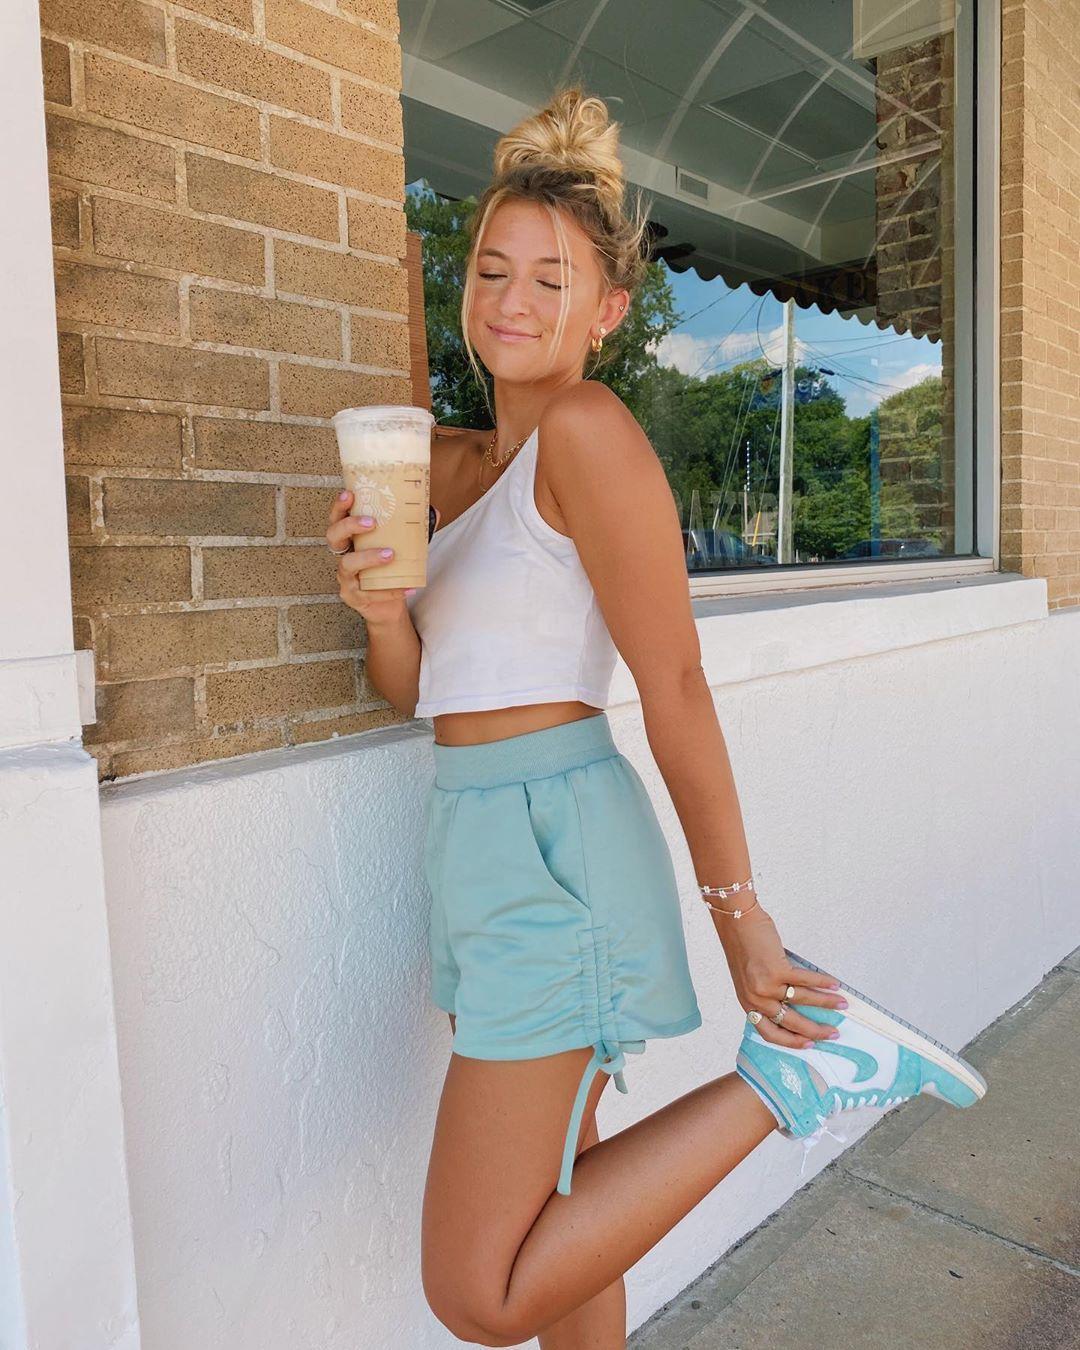 """natalie on Instagram: """"feelin teal🦋🧚🏼♀️ comfy sho"""